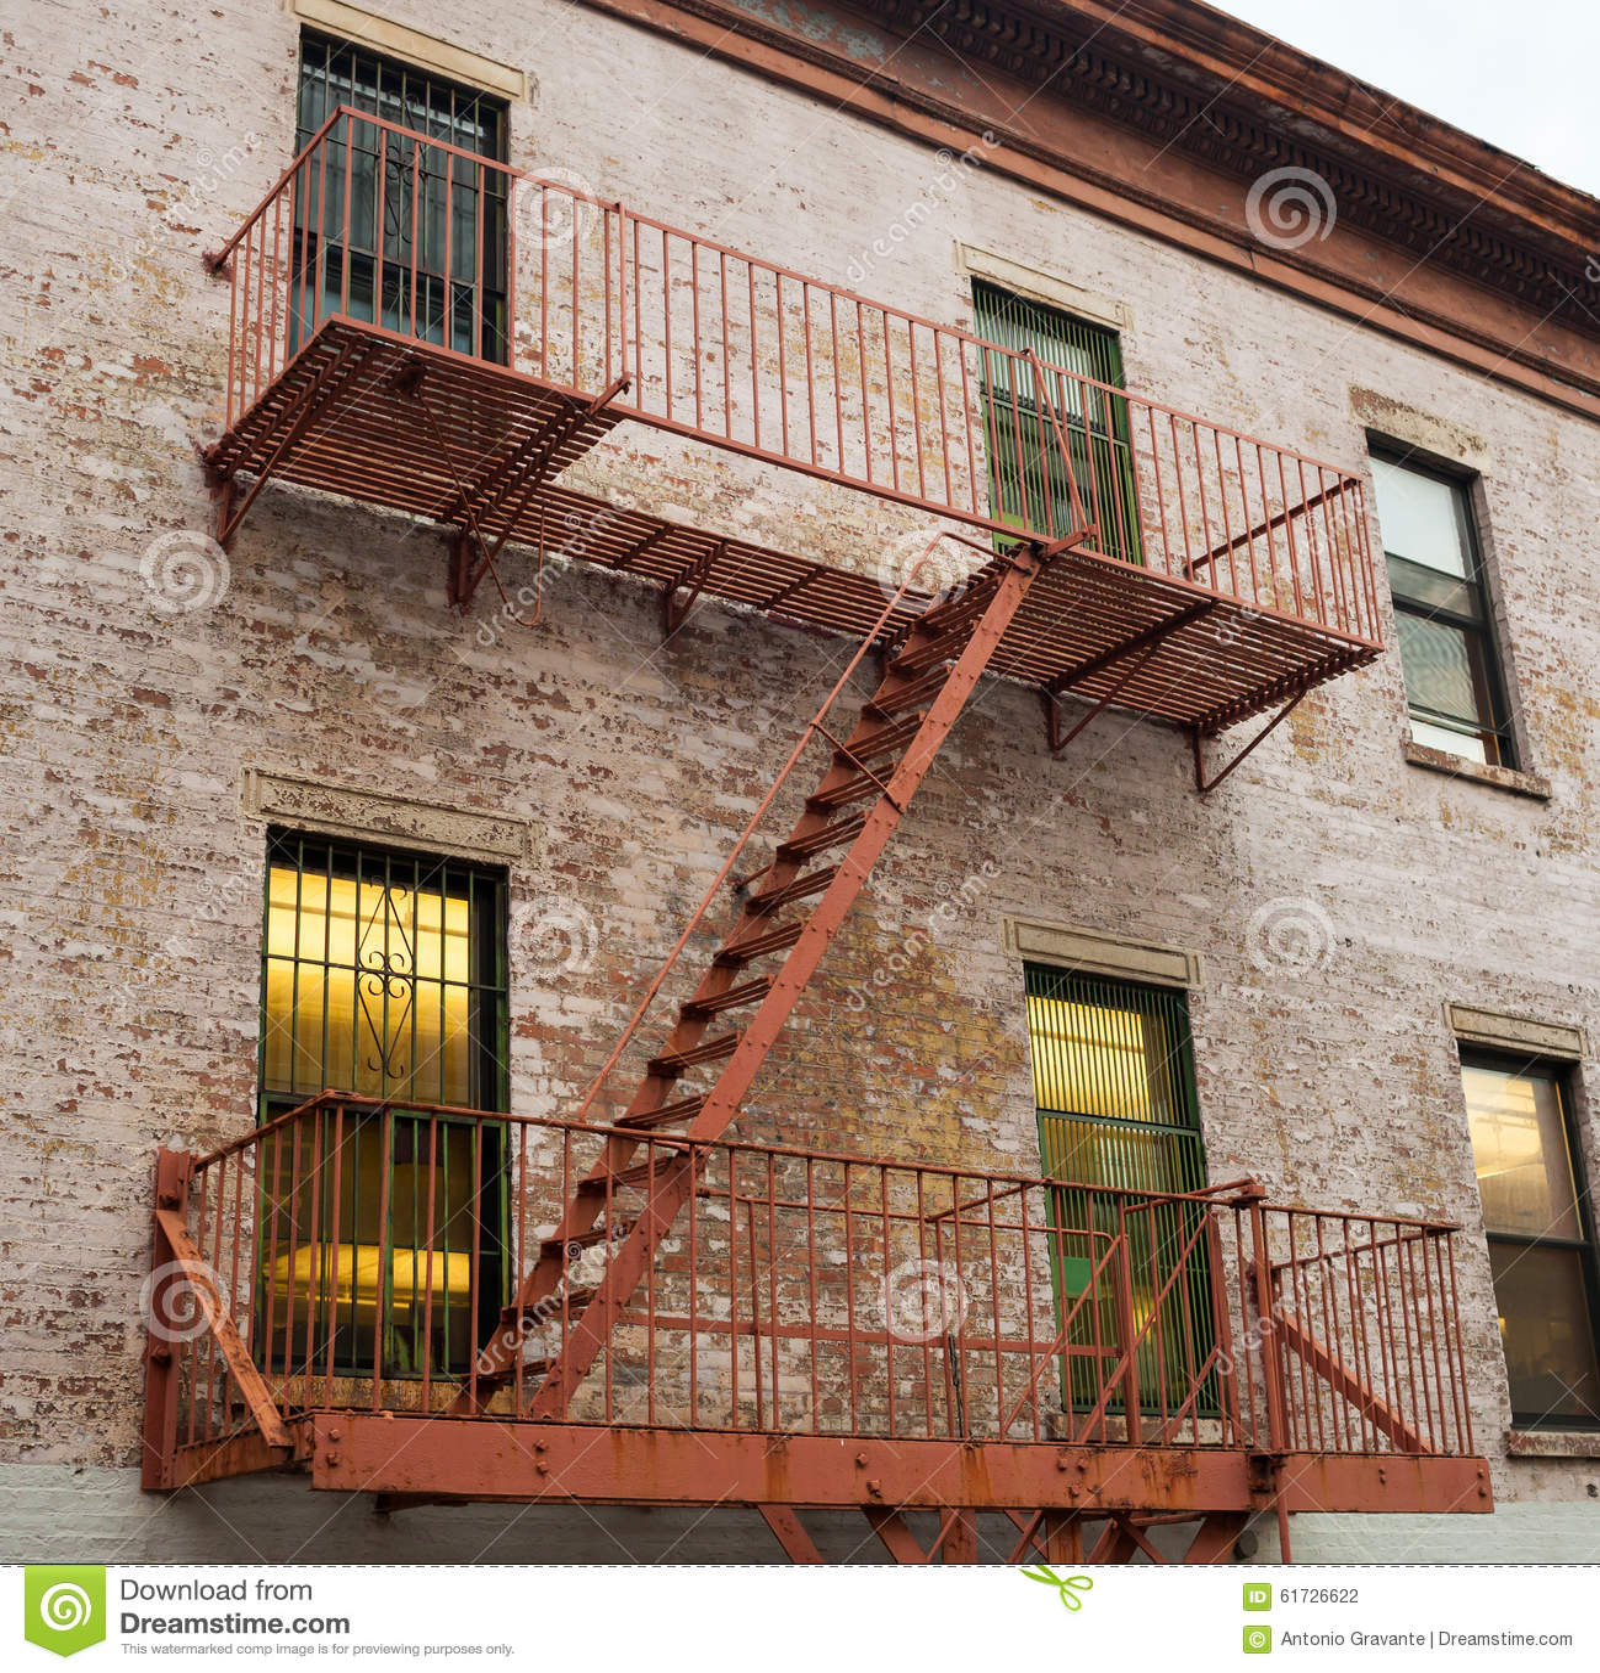 feuerleiter eines alten hauses in new york stockfoto bild von rettung geb ude 61726622. Black Bedroom Furniture Sets. Home Design Ideas